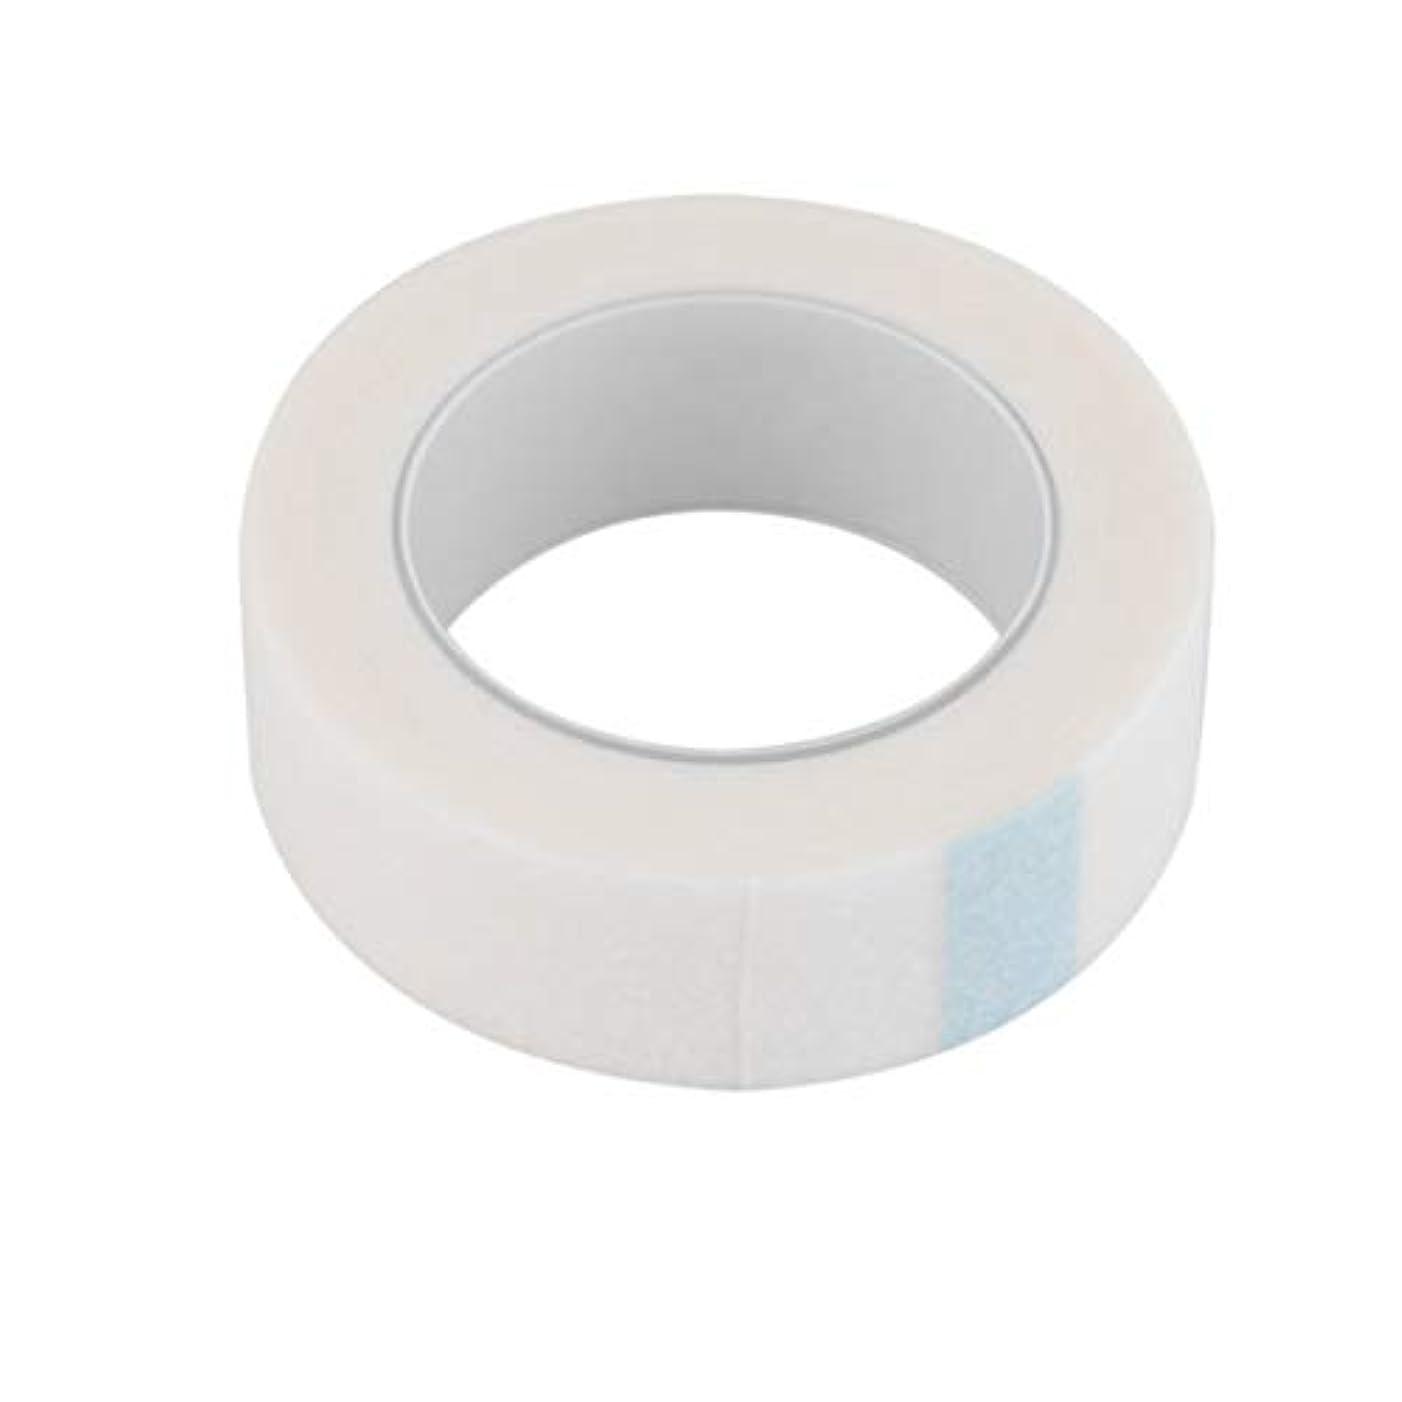 印象的カップルに頼る1ロール個別まつげエクステンションツール供給医療テープ医療まつげエクステンション微細孔ペーパーメイクアップ-ホワイト